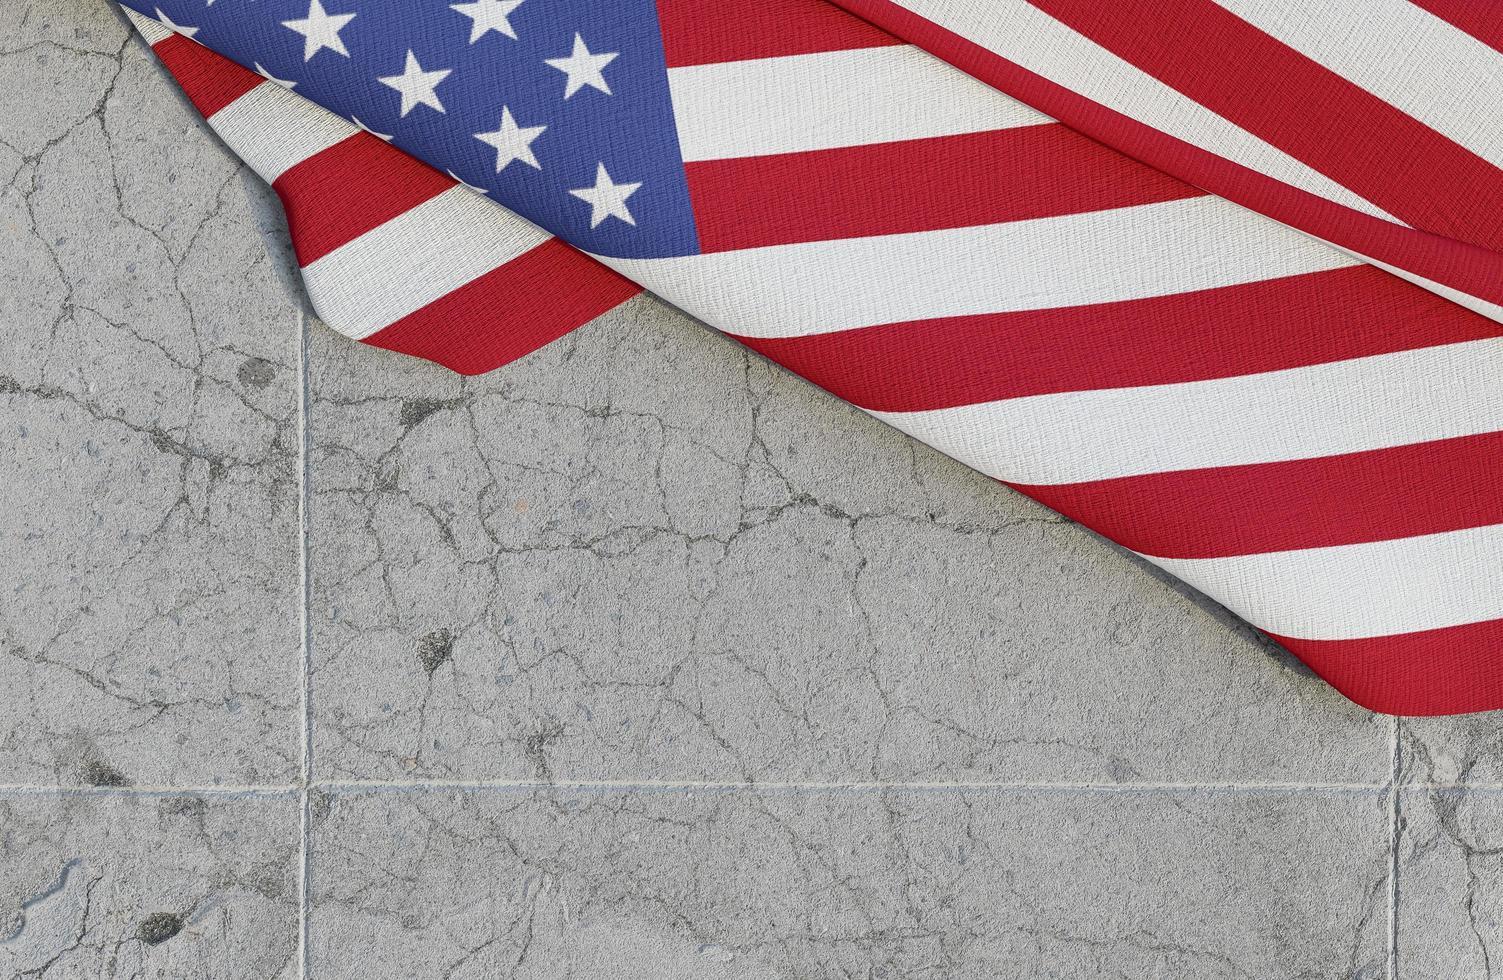 bandera americana en concreto foto